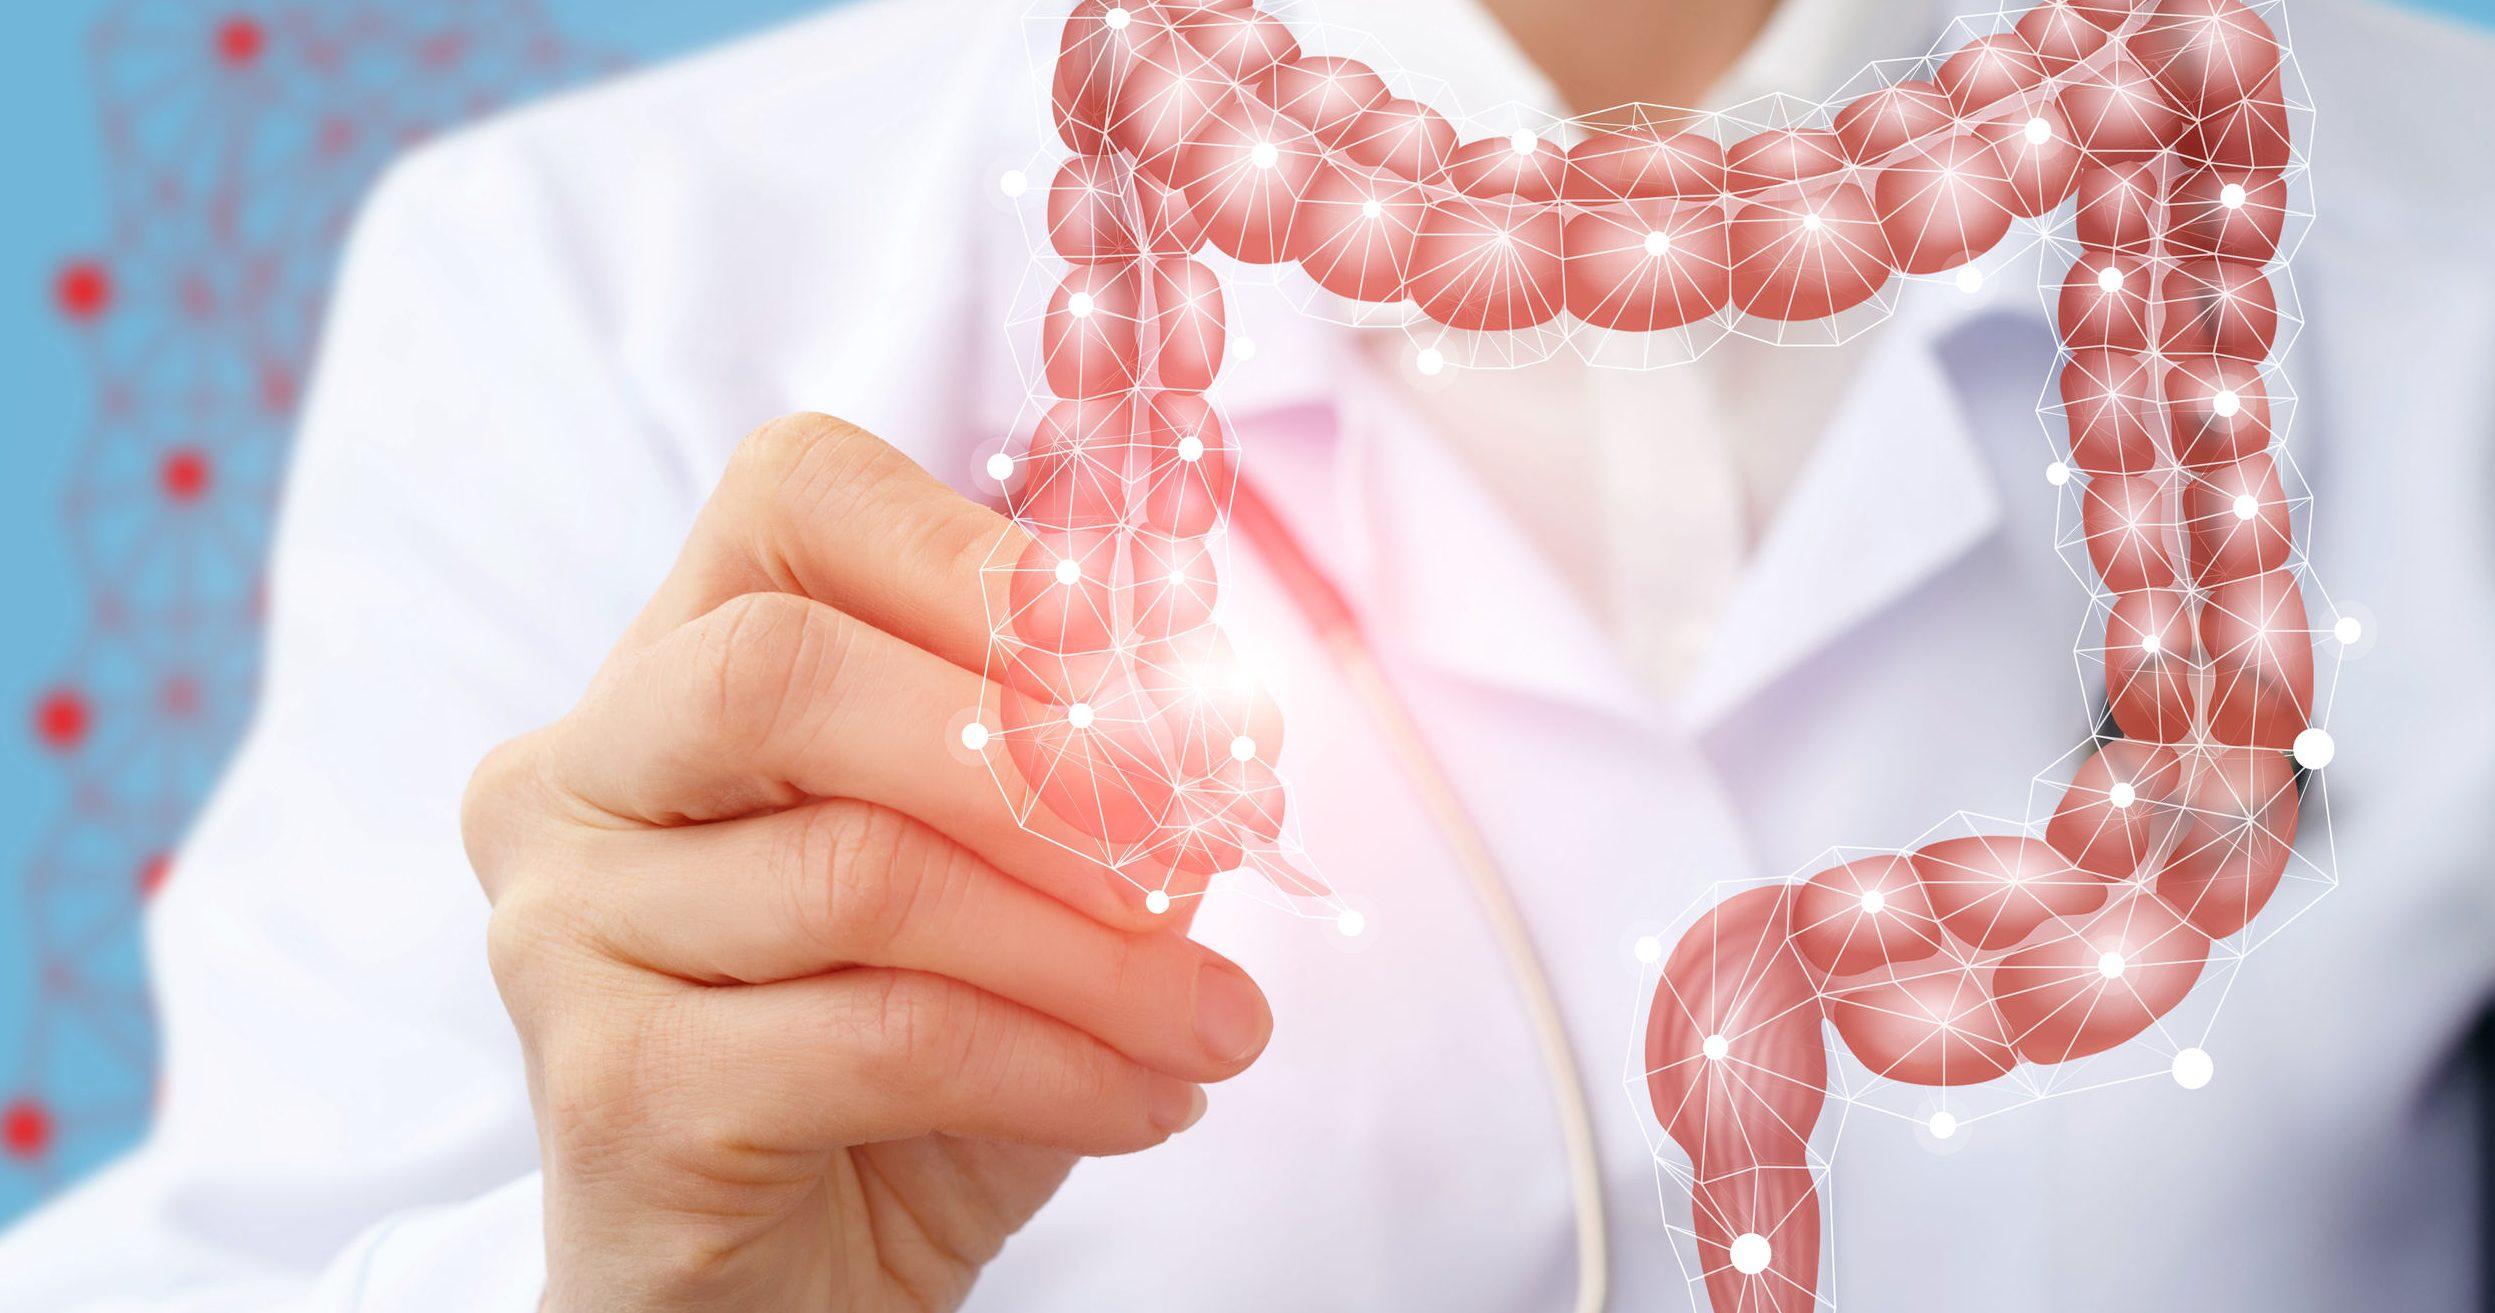 imagen de colon